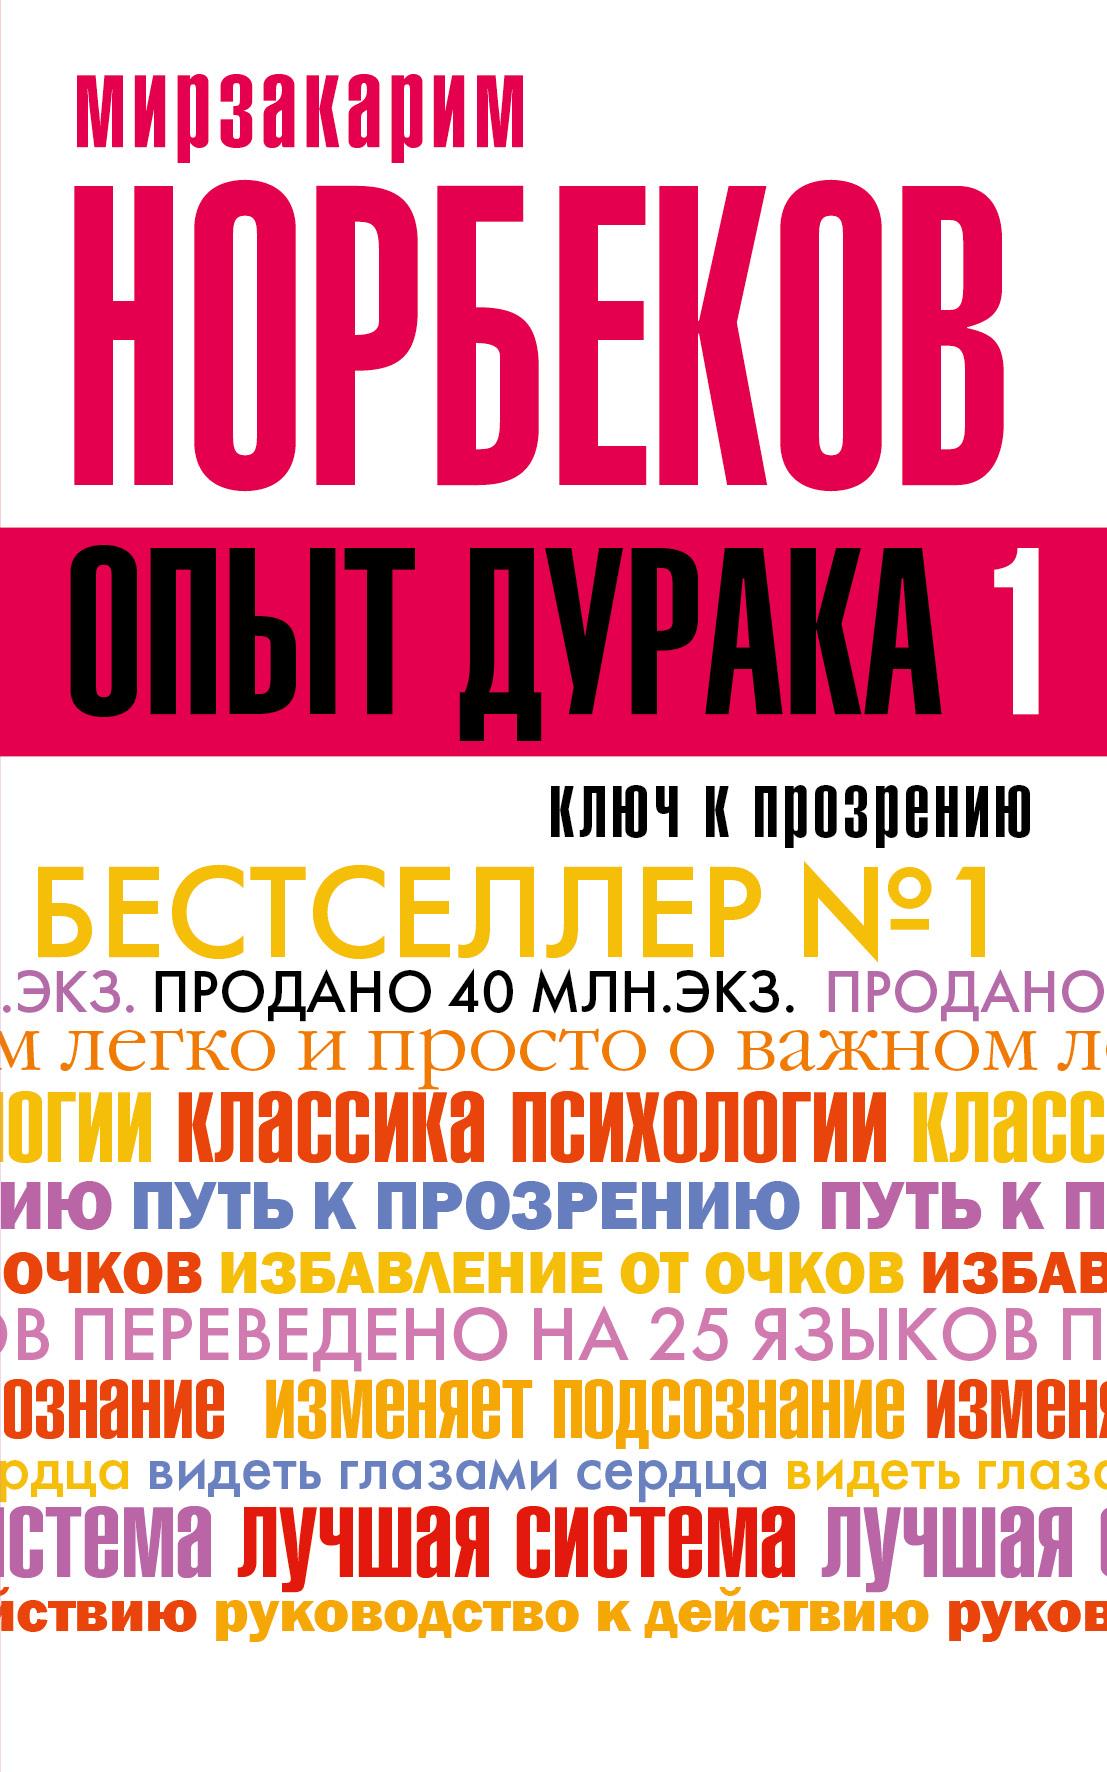 Купить Опыт дурака, или Ключ к прозрению. Как избавиться от очков, Мирзакарим Норбеков, 978-5-17-093850-6